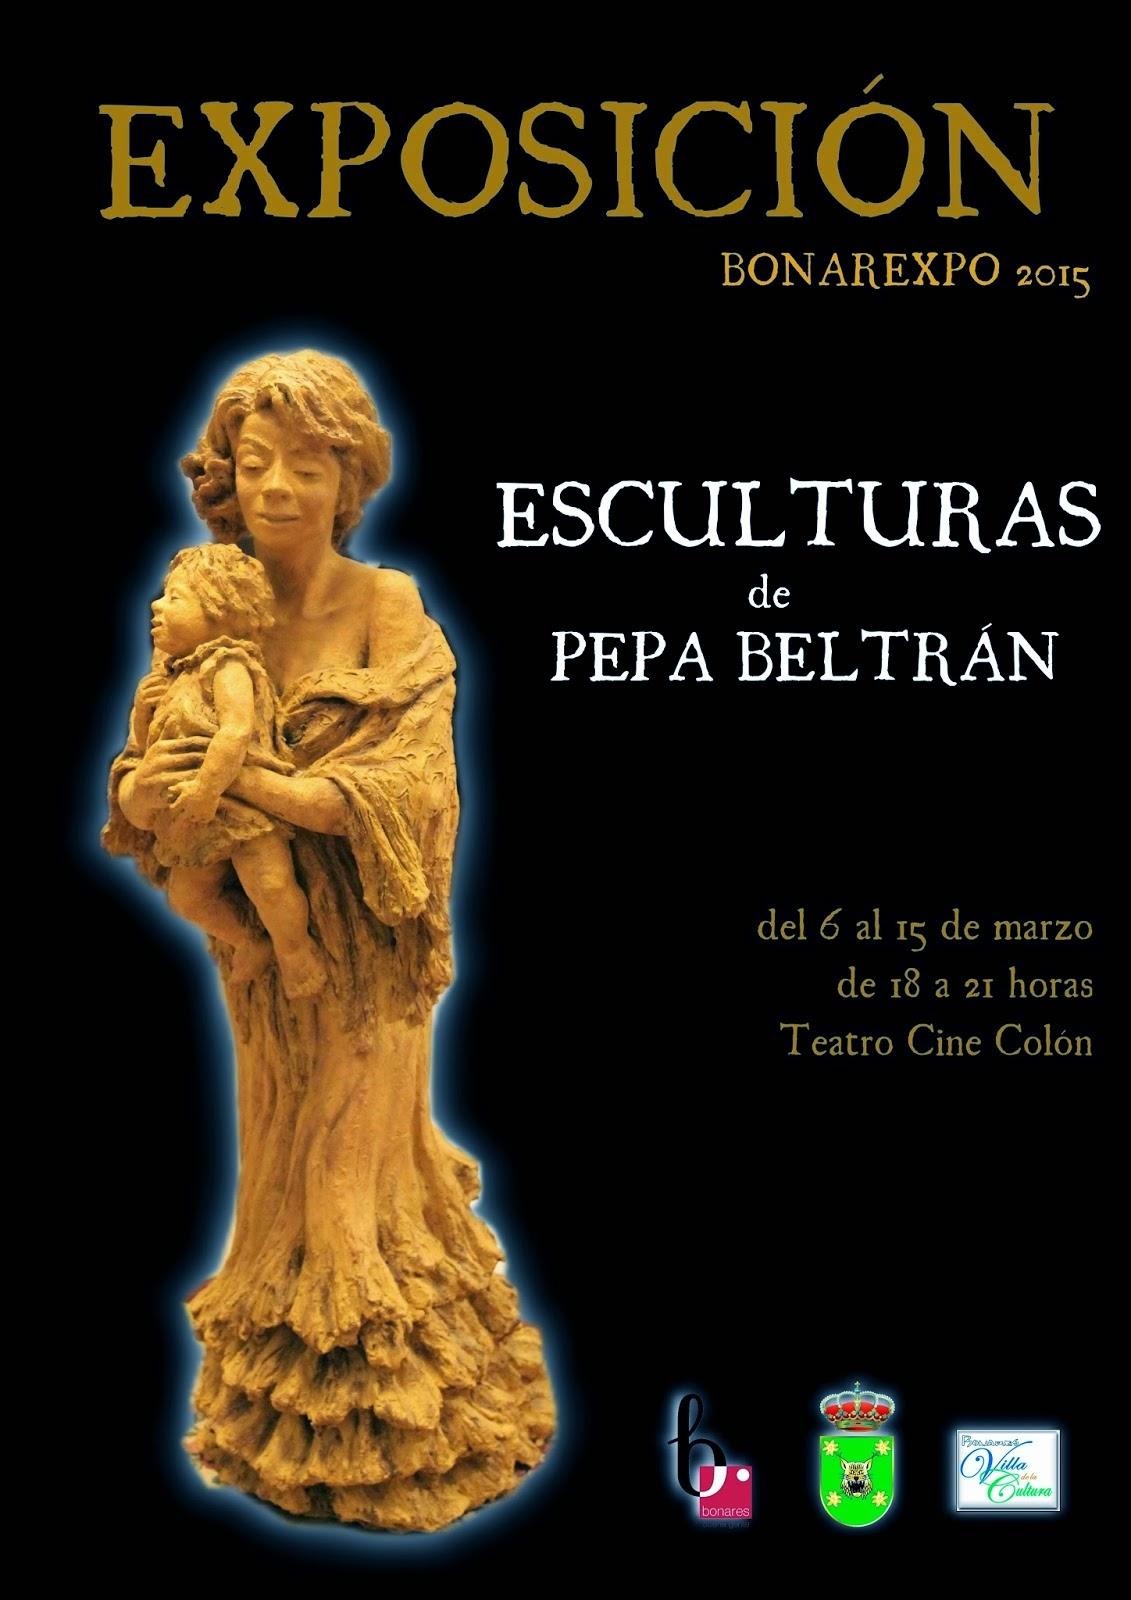 ESCULTURAS DE PEPA BELTRÁN